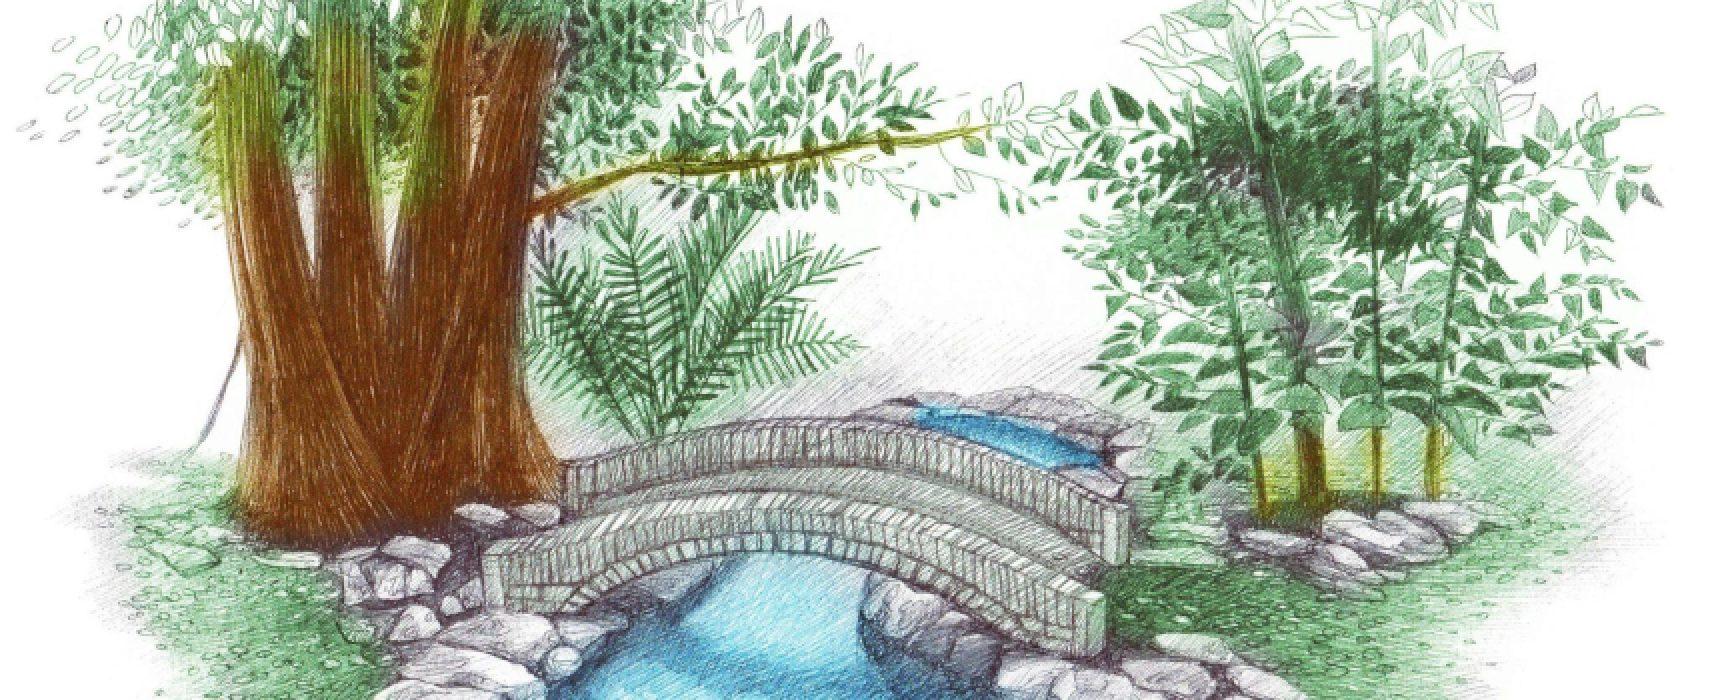 """Giardino Botanico Veneziani, passeggiate tra il verde, letture e """"merenda in giardino"""""""